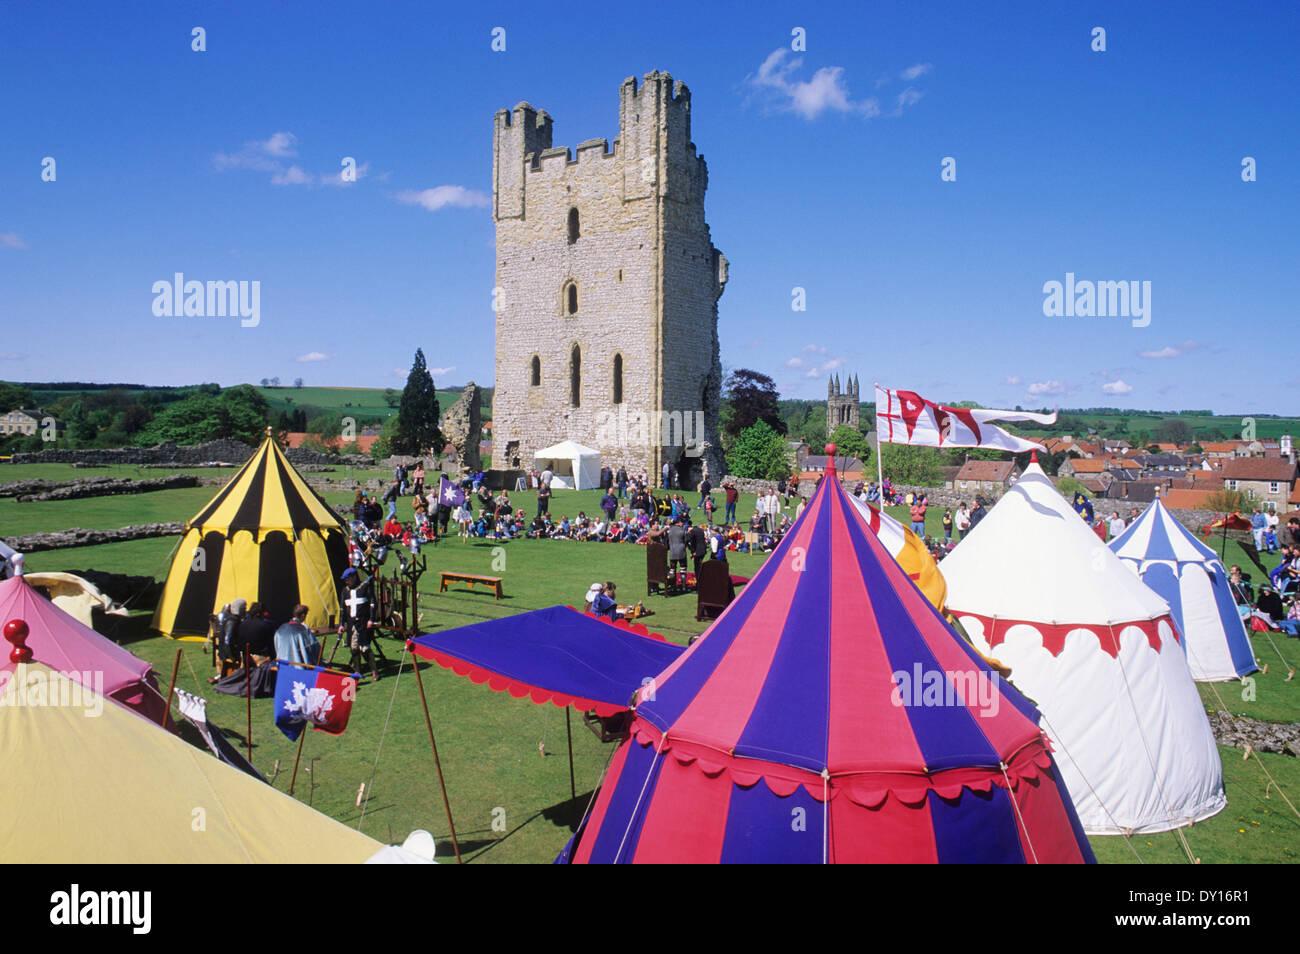 Castello di Helmsley, medievale rievocazione storica, encampment Yorkshire England Regno Unito Immagini Stock